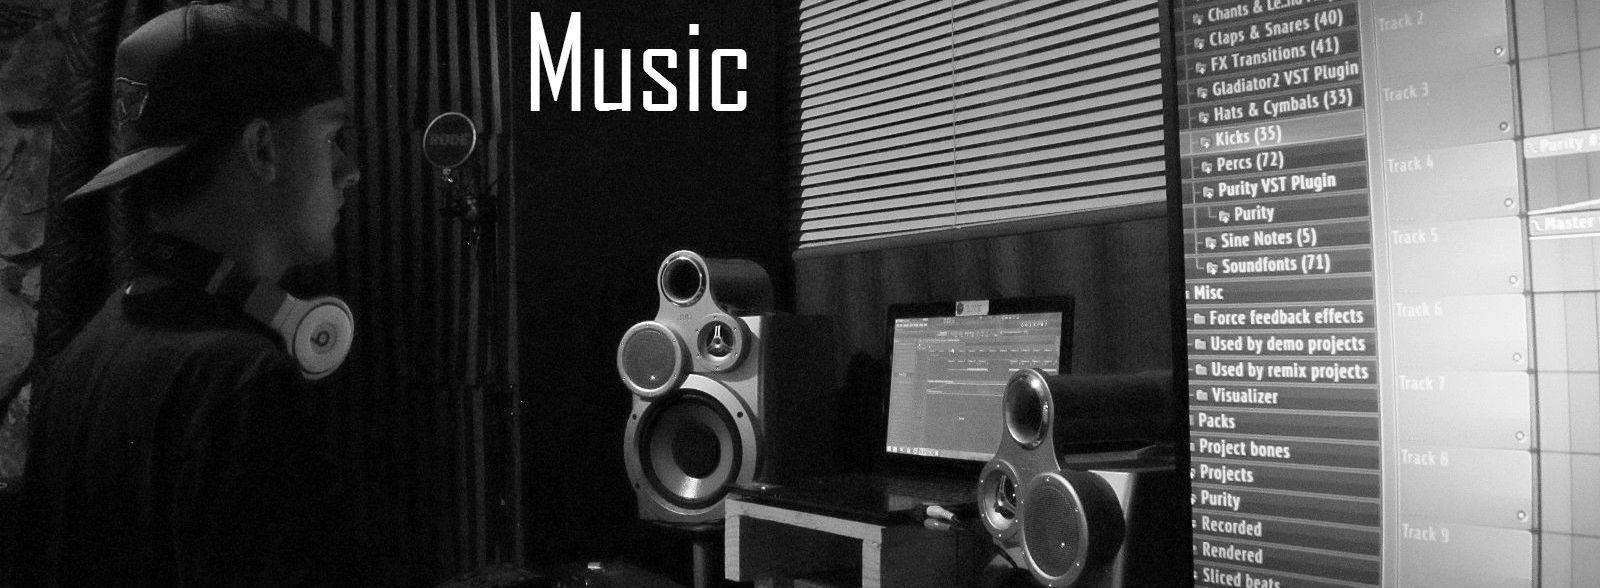 _k_music